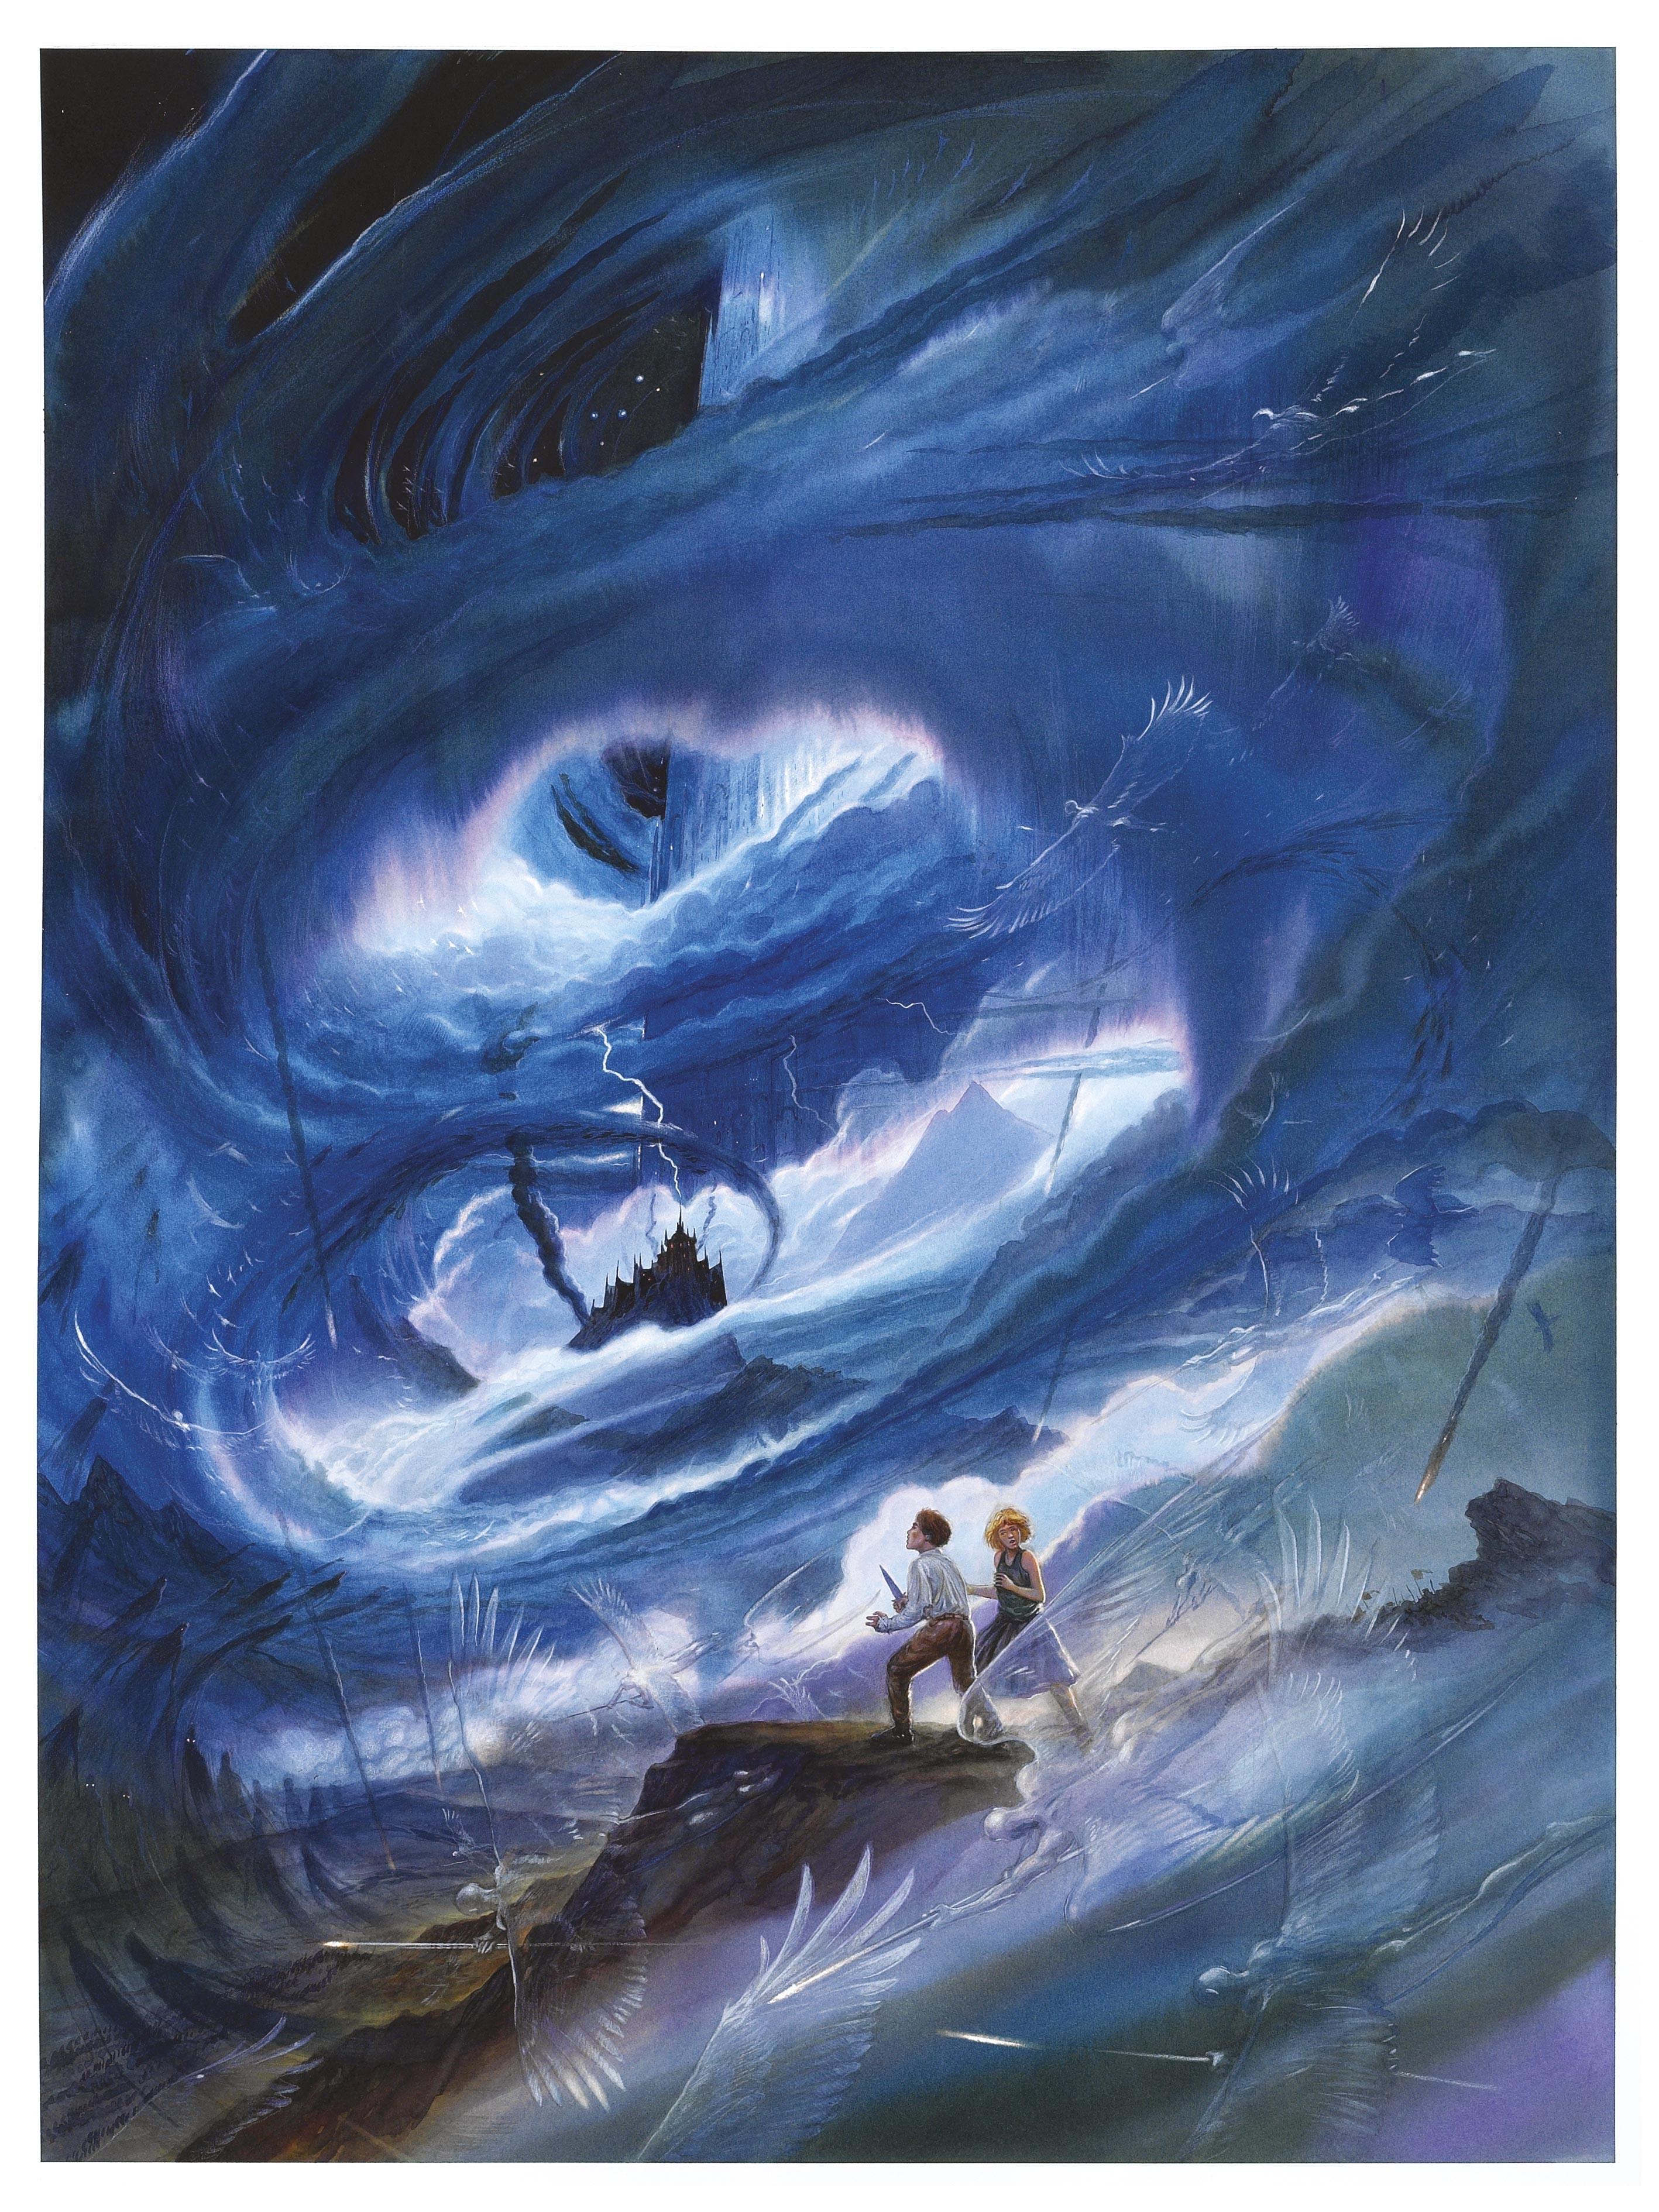 illustration de John Howe, 2002.